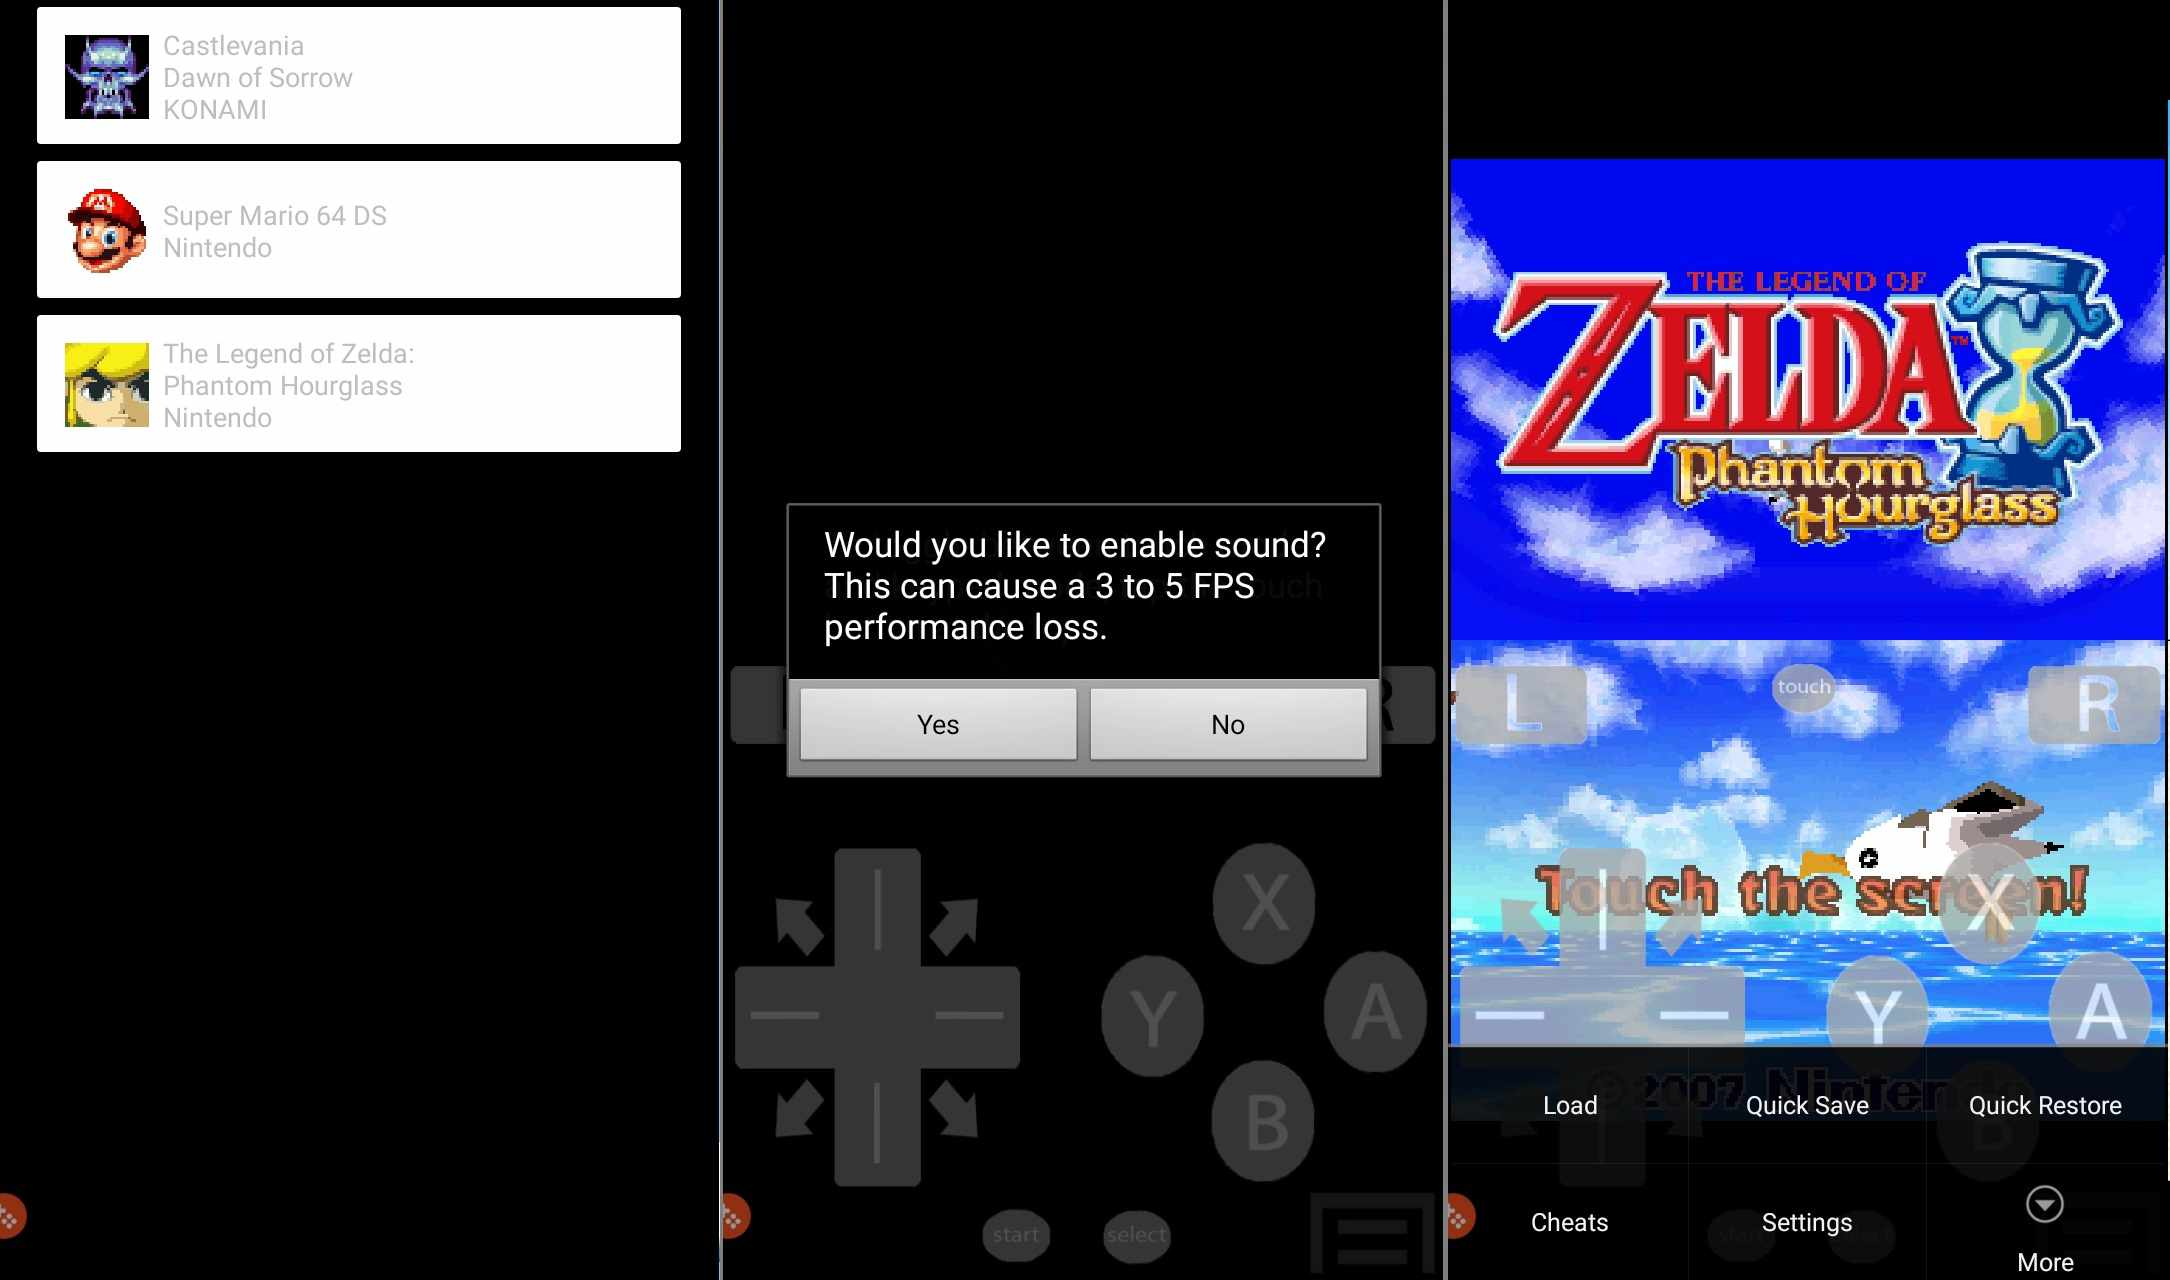 Zelda: Phantom Hour Glass running on the EmuBox DS emulator for Android